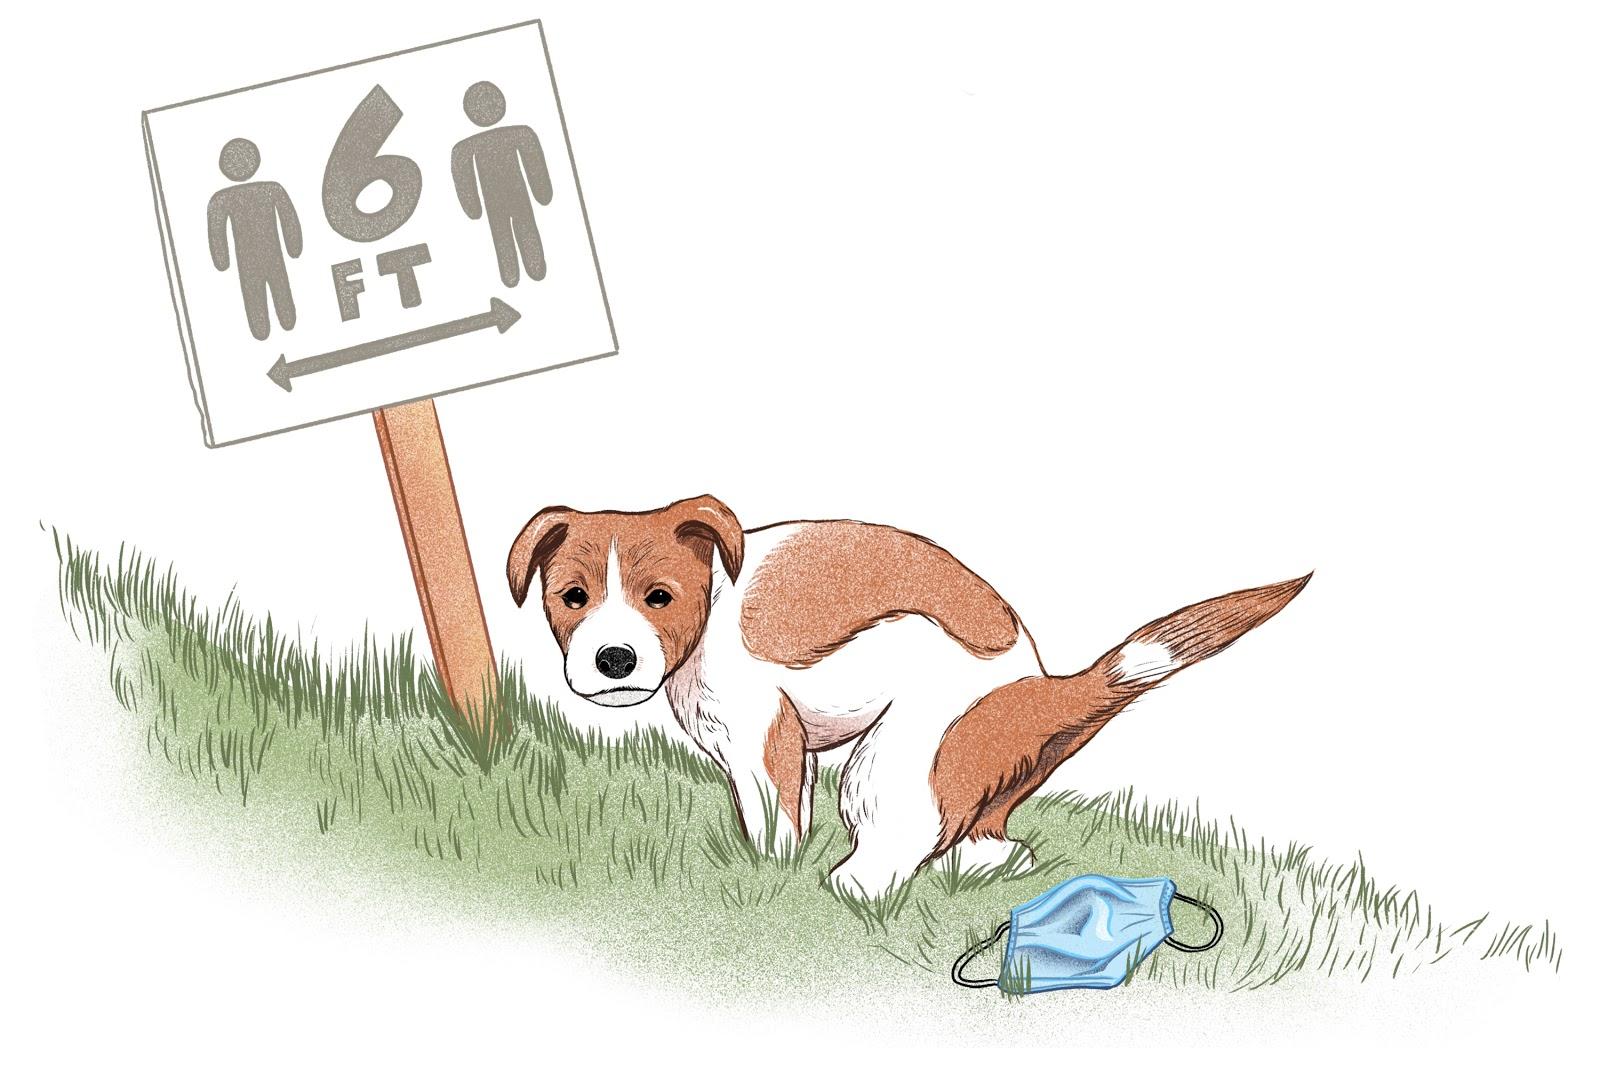 Crappin' Dog